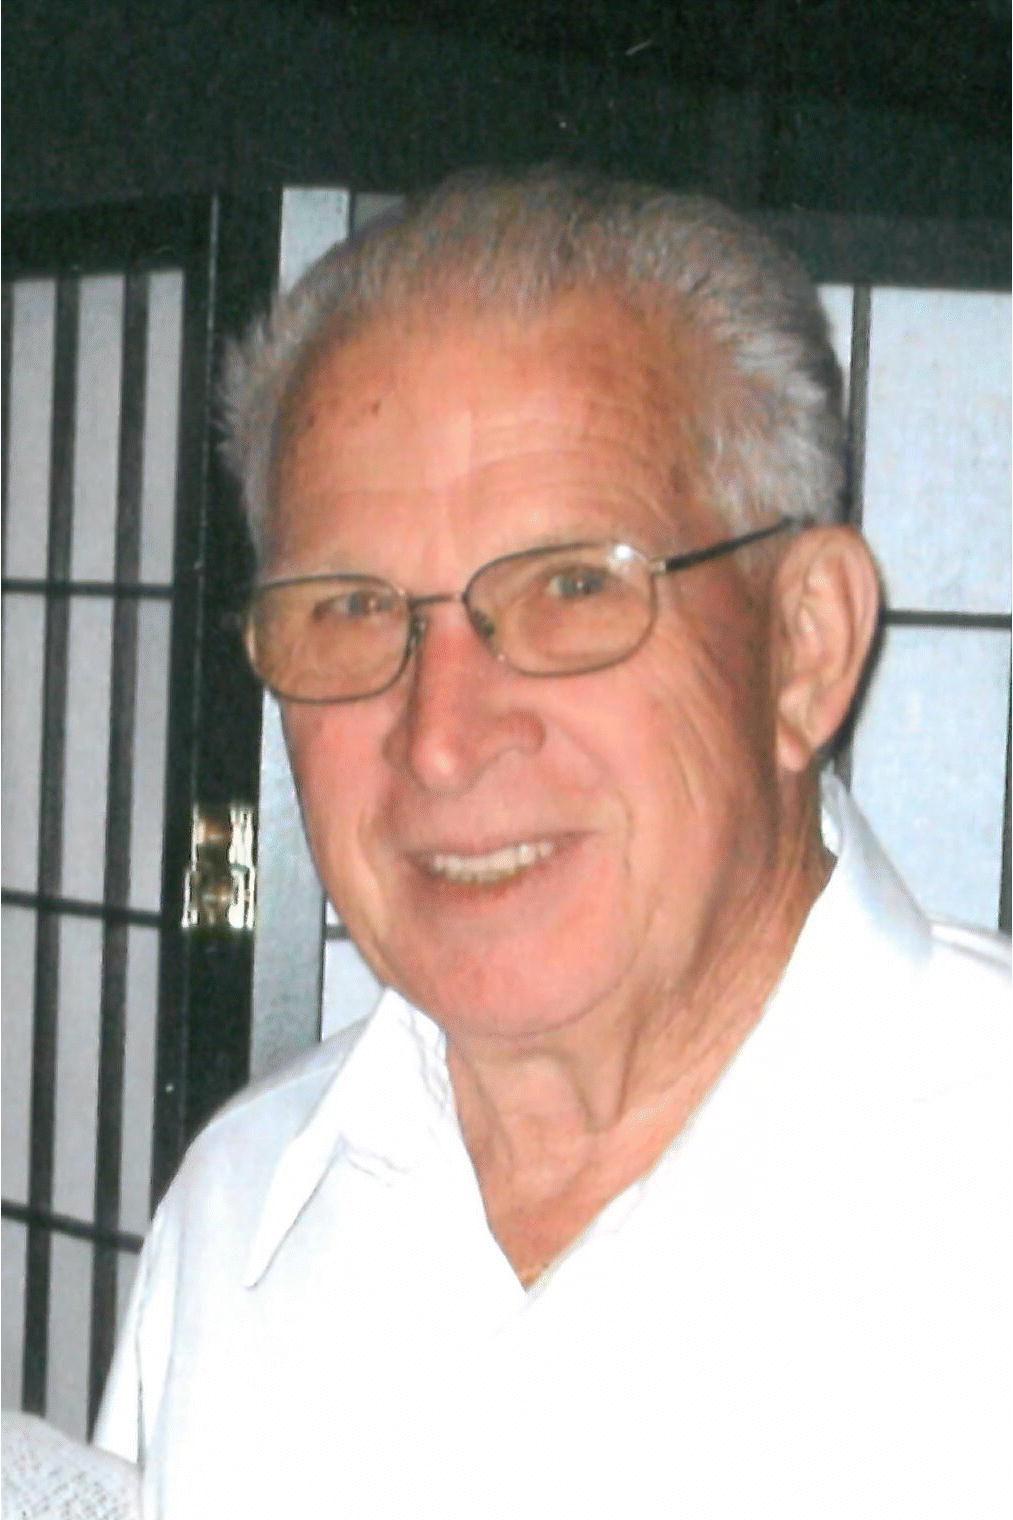 Russell Rynard